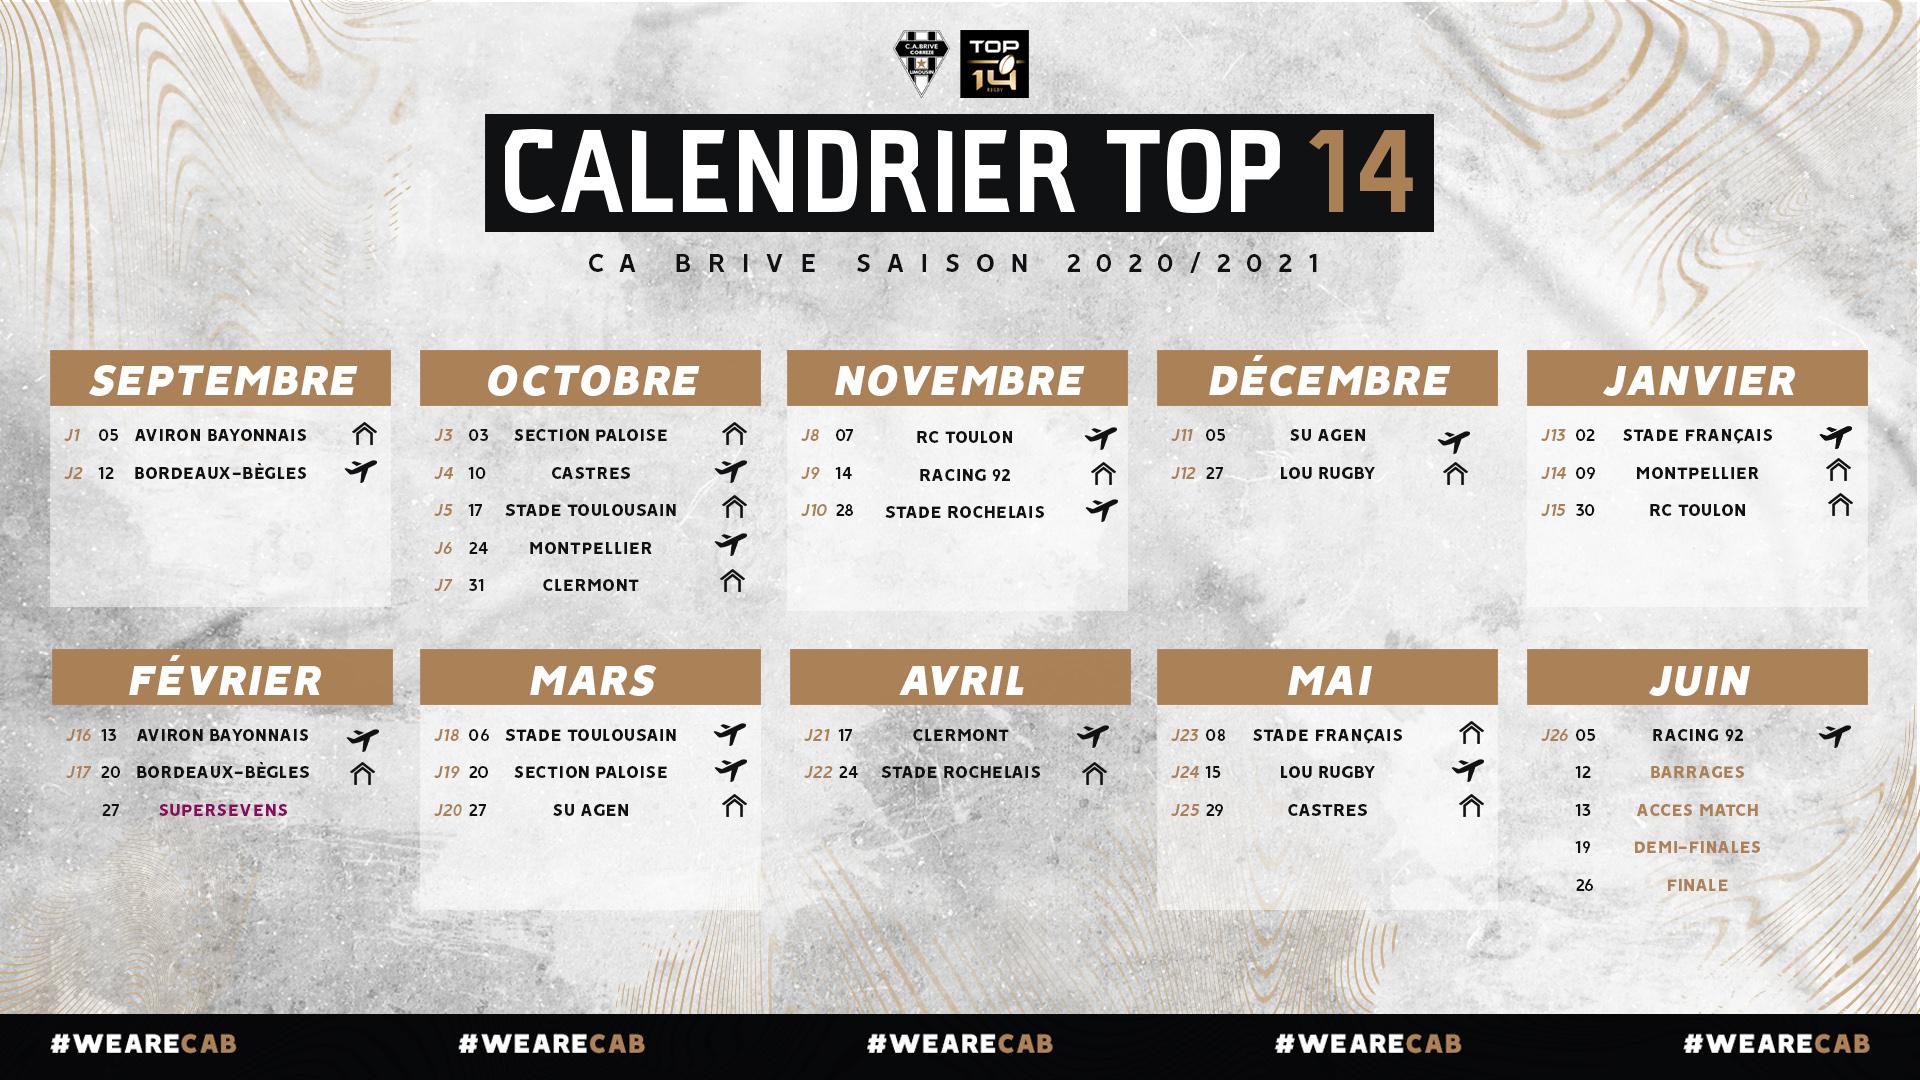 Calendrier Top 14 2022 Le Calendrier Top 14 20/21 dévoilé !